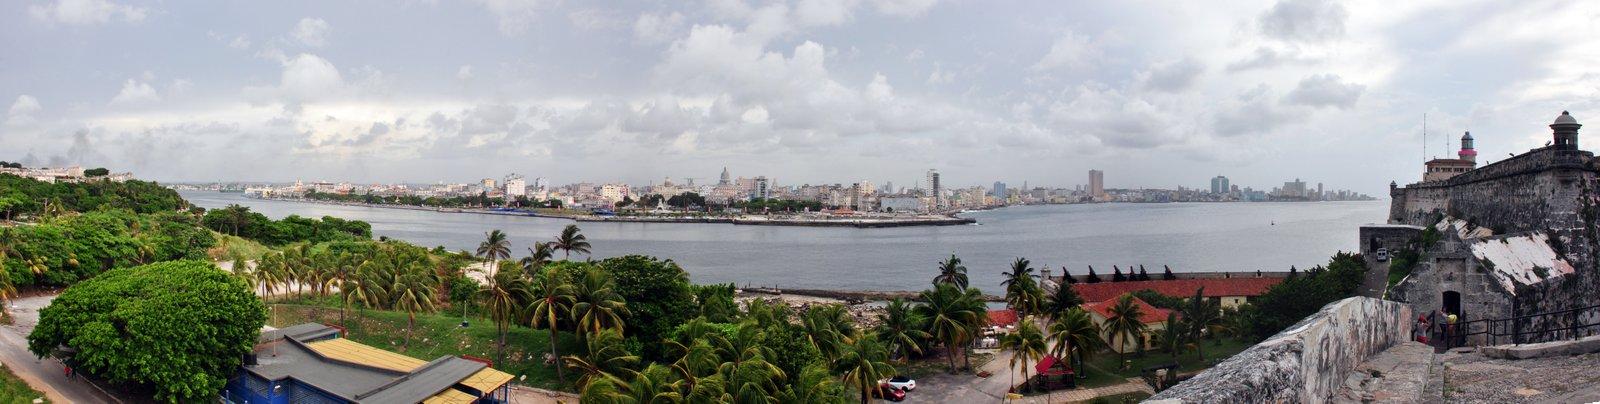 Litoral de la Ciudad de La Habana